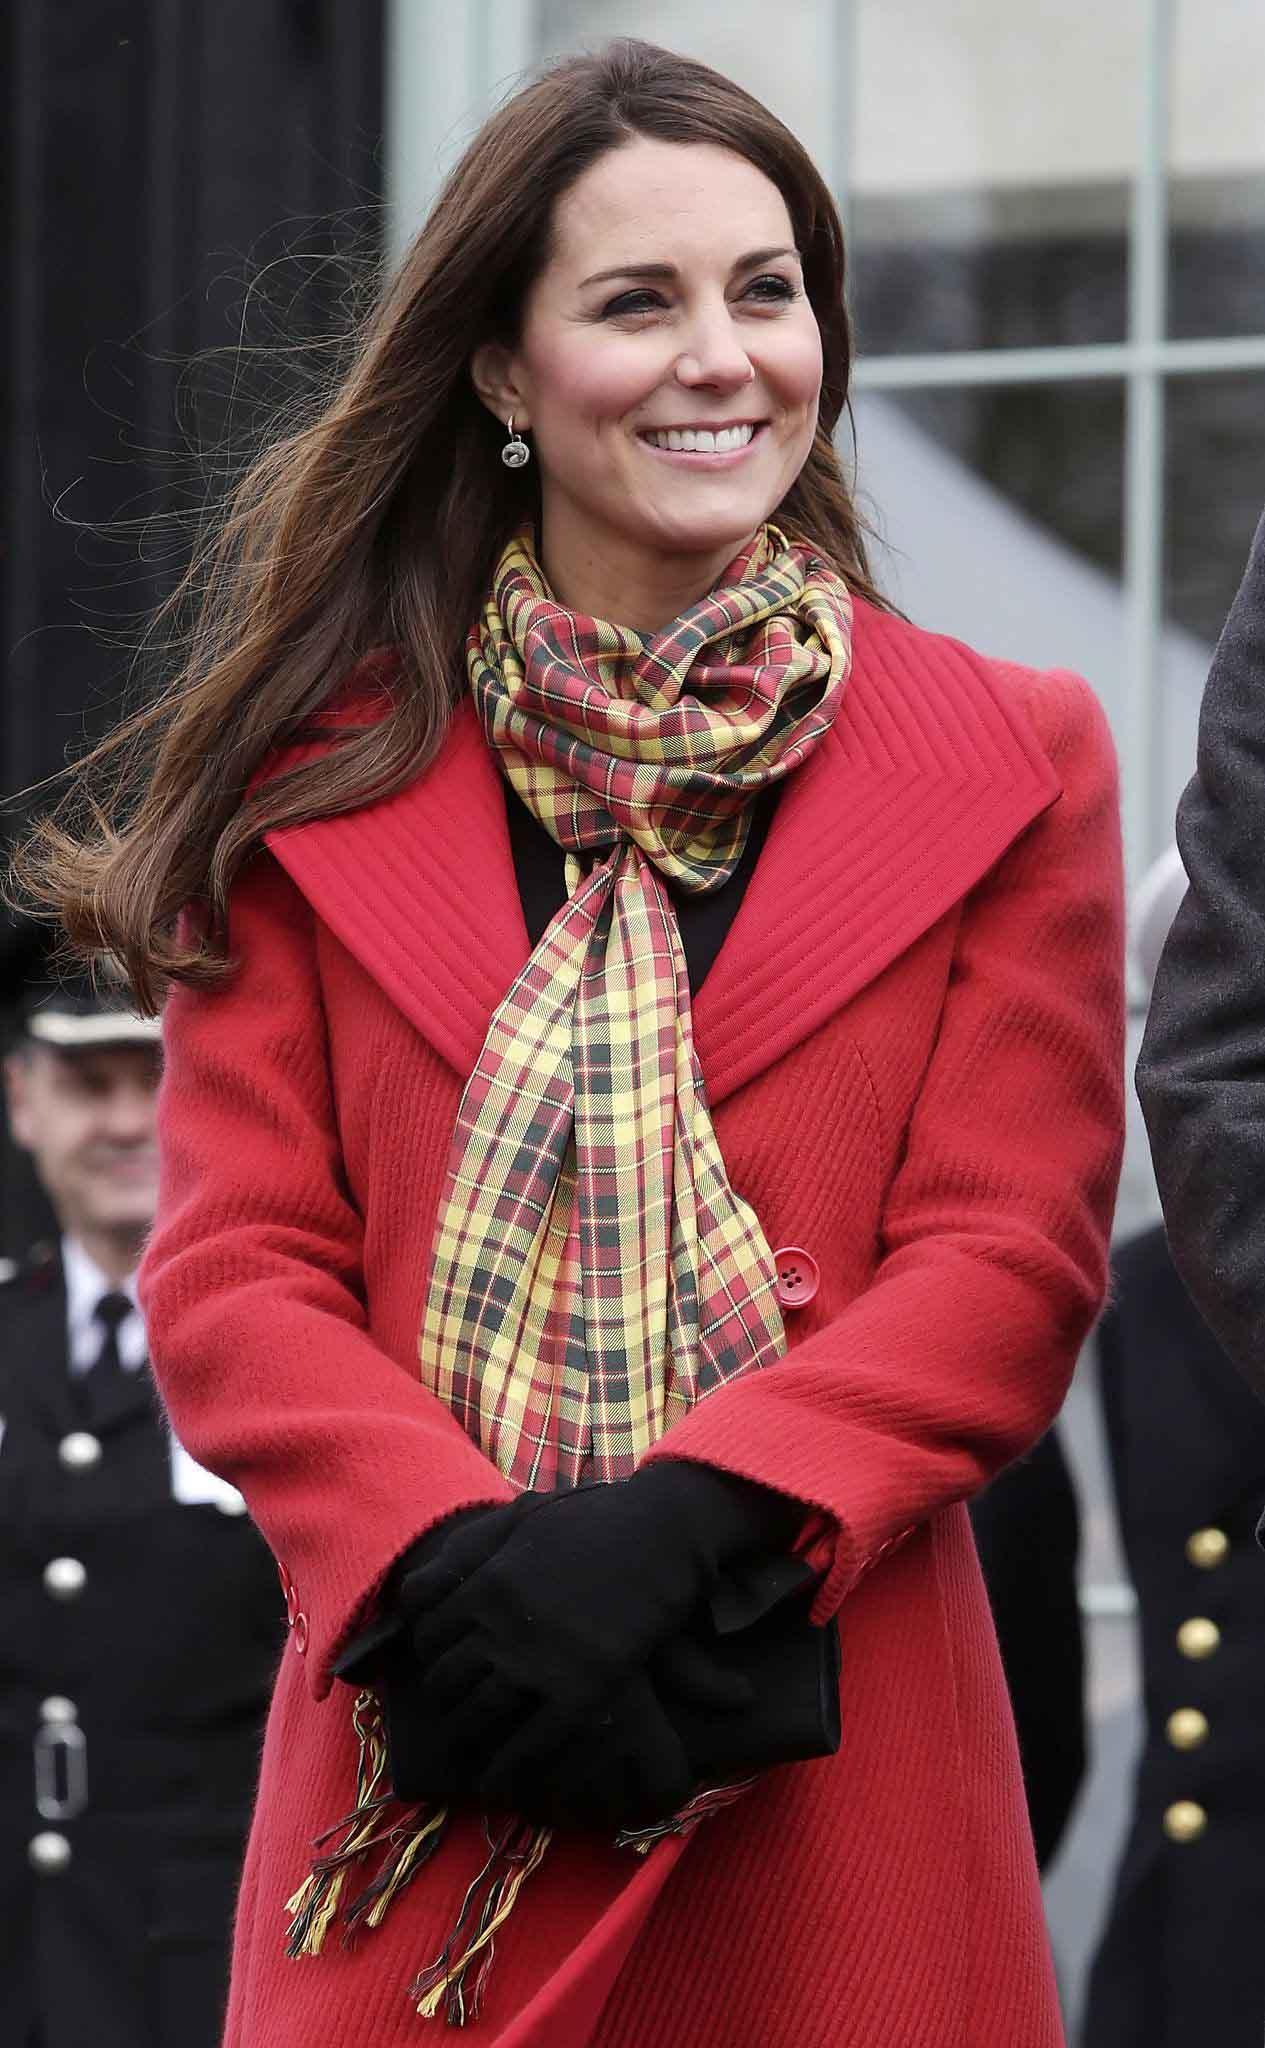 Ngắm công nương Kate quàng khăn cổ, chị em tuổi băm ôm được rổ bí kíp diện đẹp chơi Tết - 11